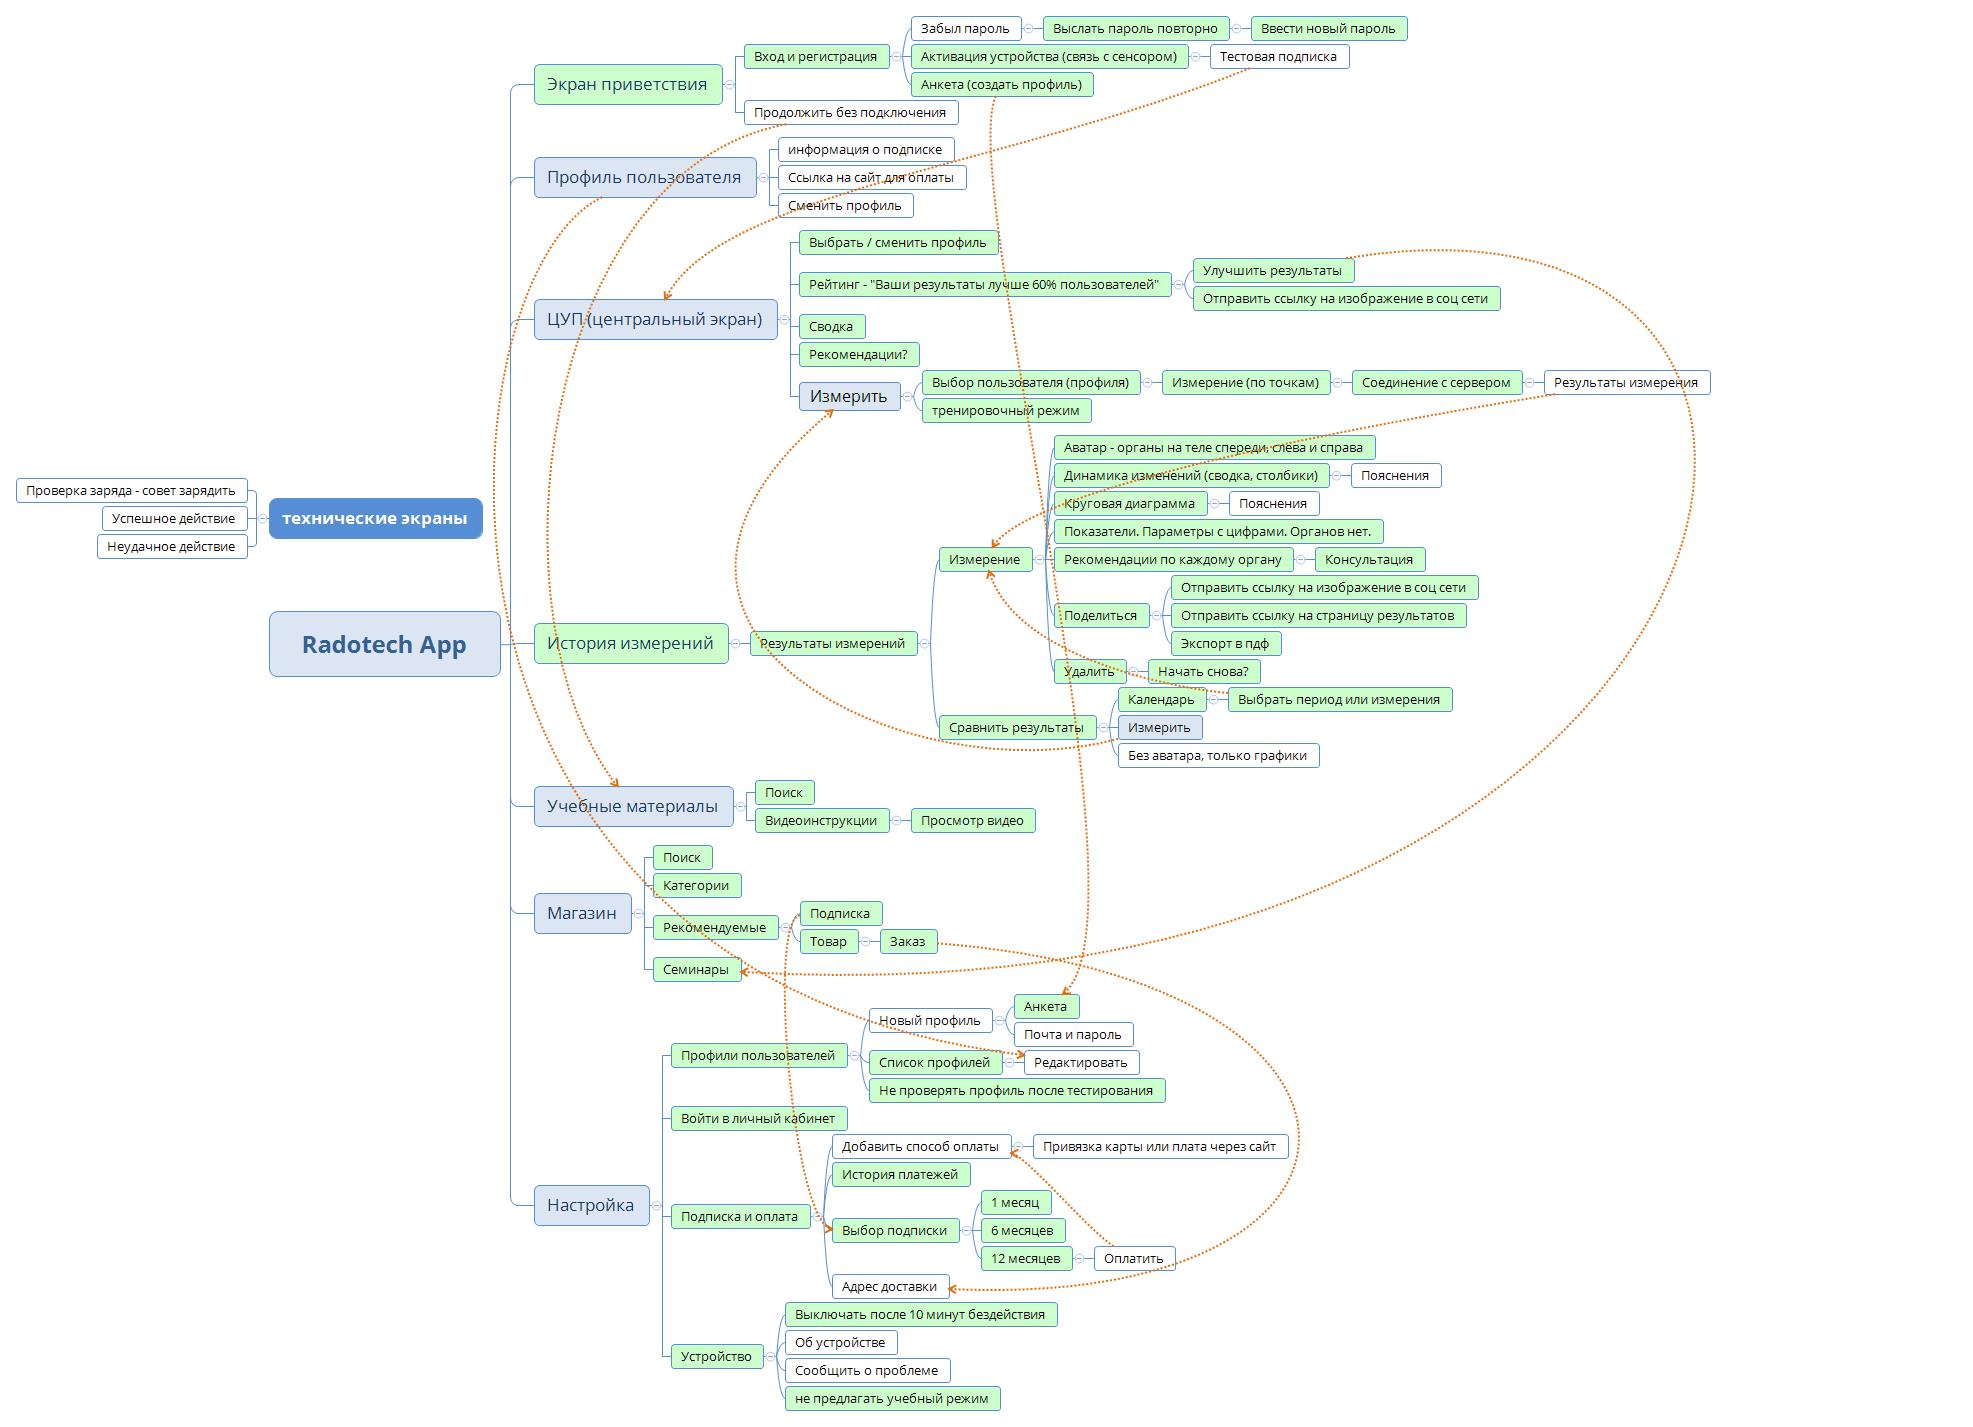 Интерфейс приложения Radotech Сайт Артура Нецветаева — сайты, приложения, прототипы и оформление интерфейсов Radotech App